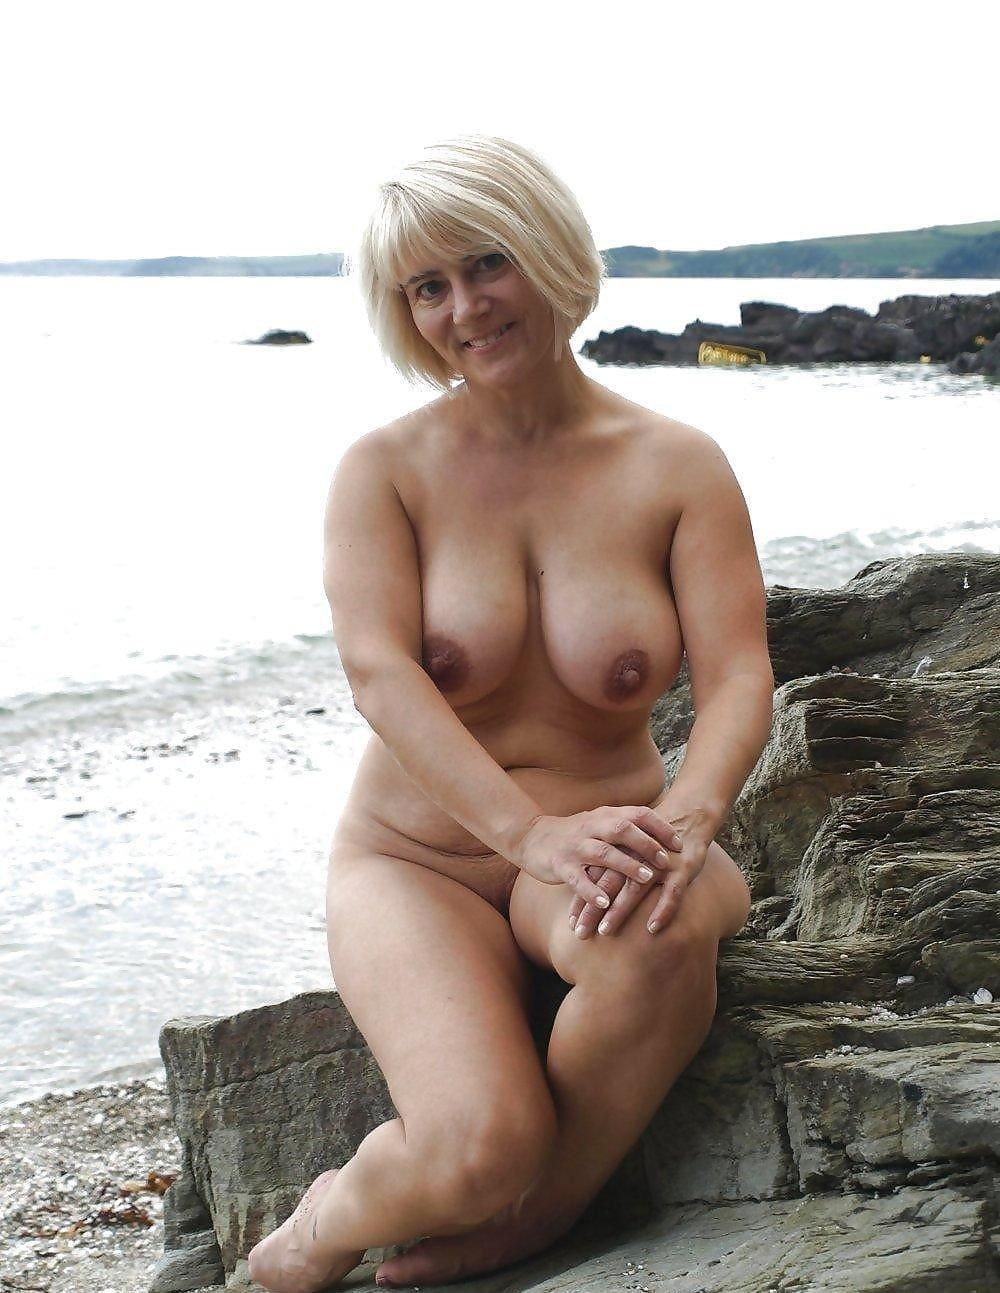 Красивые голые тетки блондинка с короткой стрижкой сидит на камнях возле кромки воды у моря.